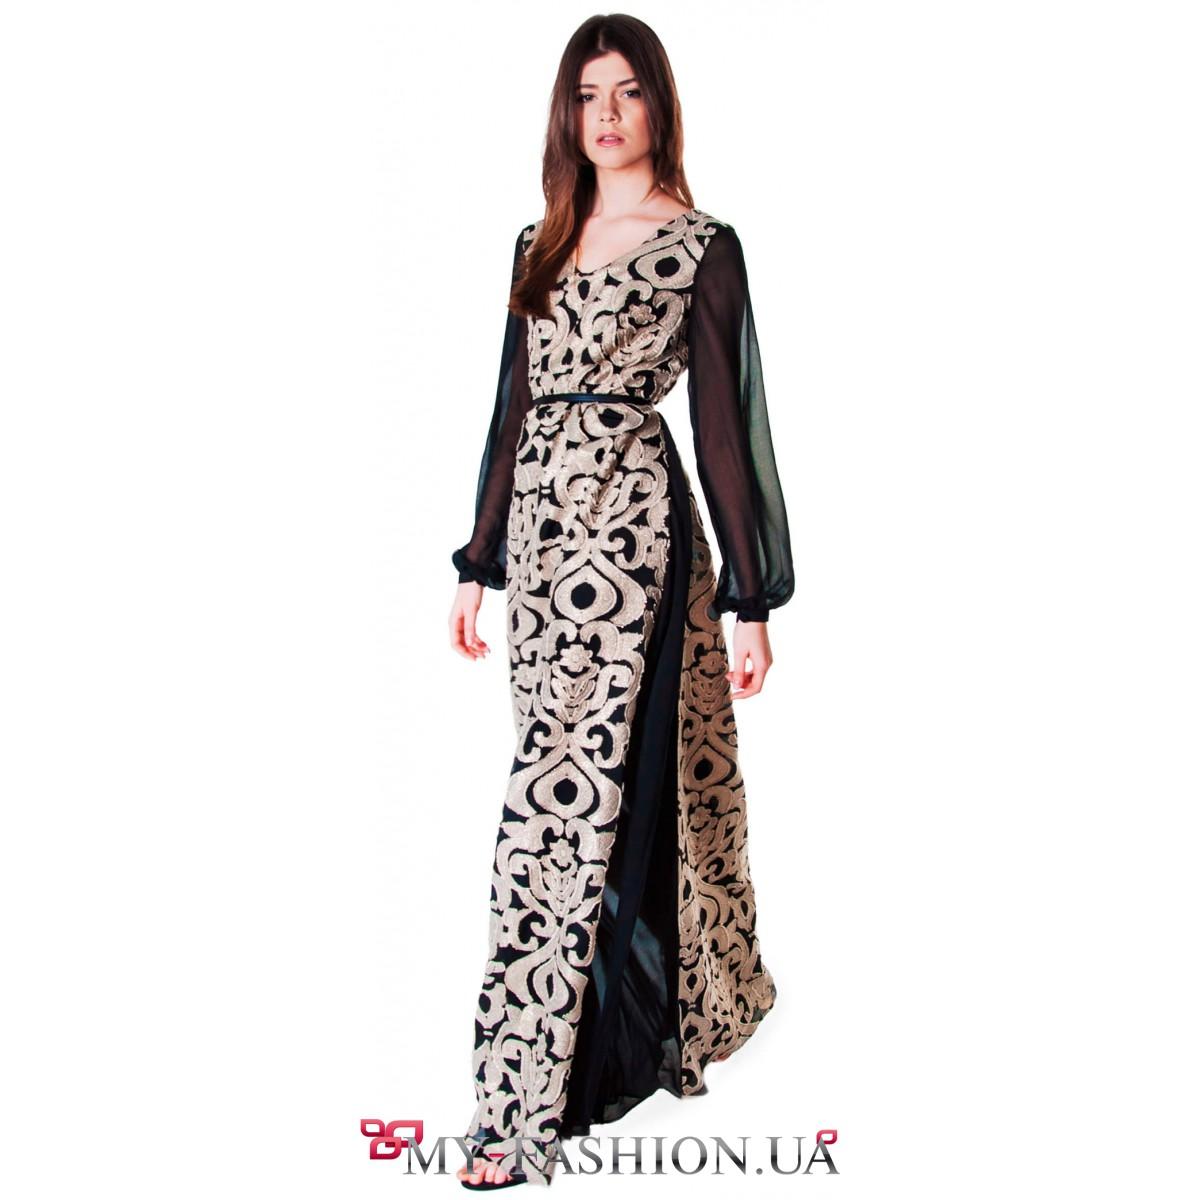 Вечерние платья франция дорогой